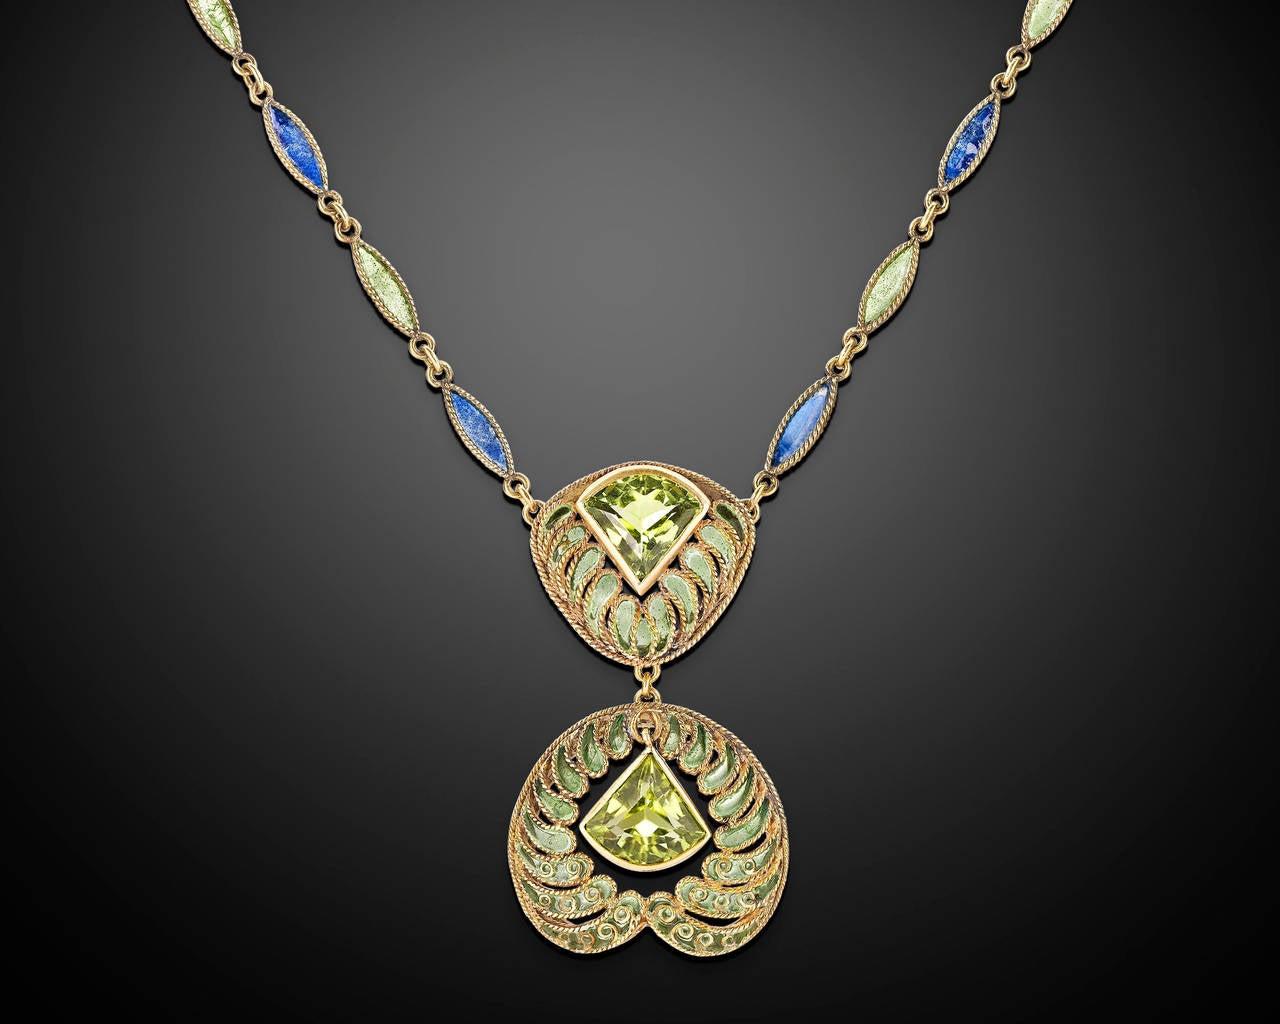 Louis Comfort Tiffany Plique-a-Jour Peridot Gold Necklace 2